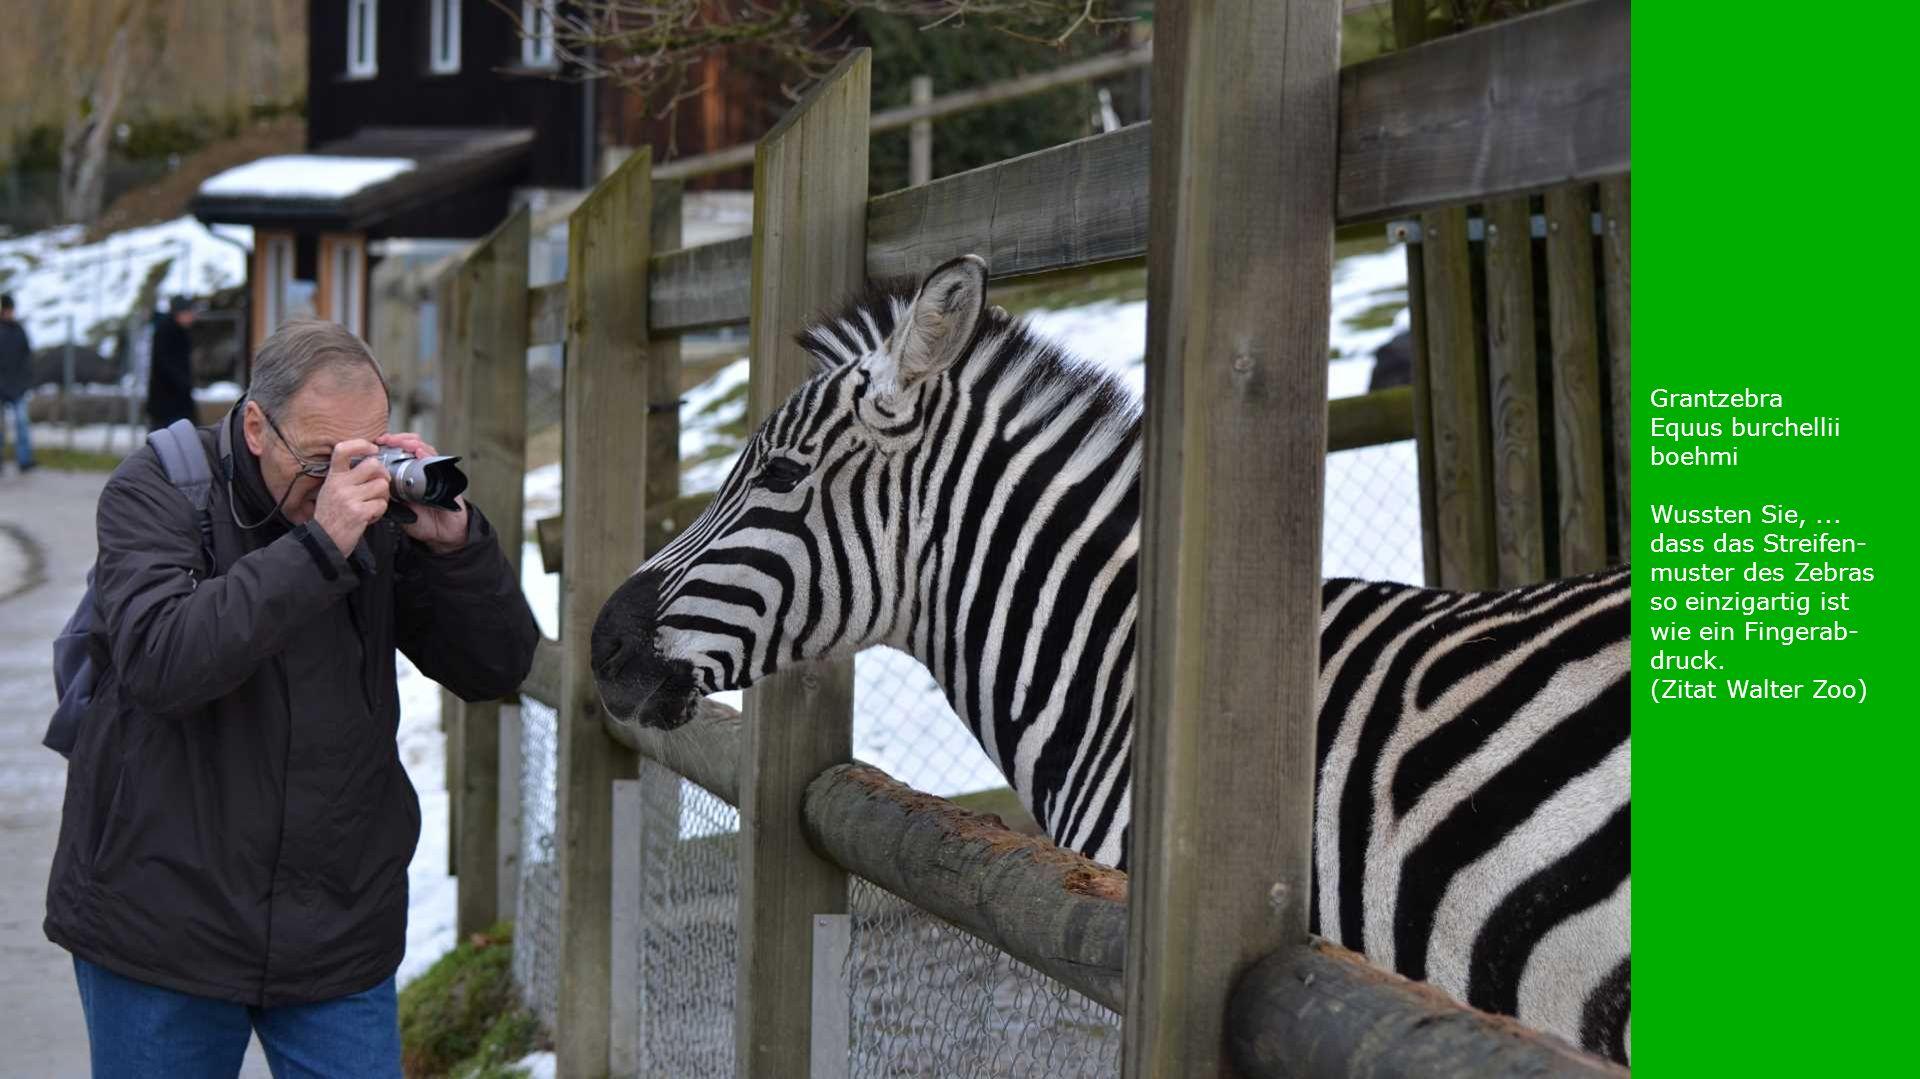 Grantzebra Equus burchellii boehmi Wussten Sie,... dass das Streifen- muster des Zebras so einzigartig ist wie ein Fingerab- druck. (Zitat Walter Zoo)